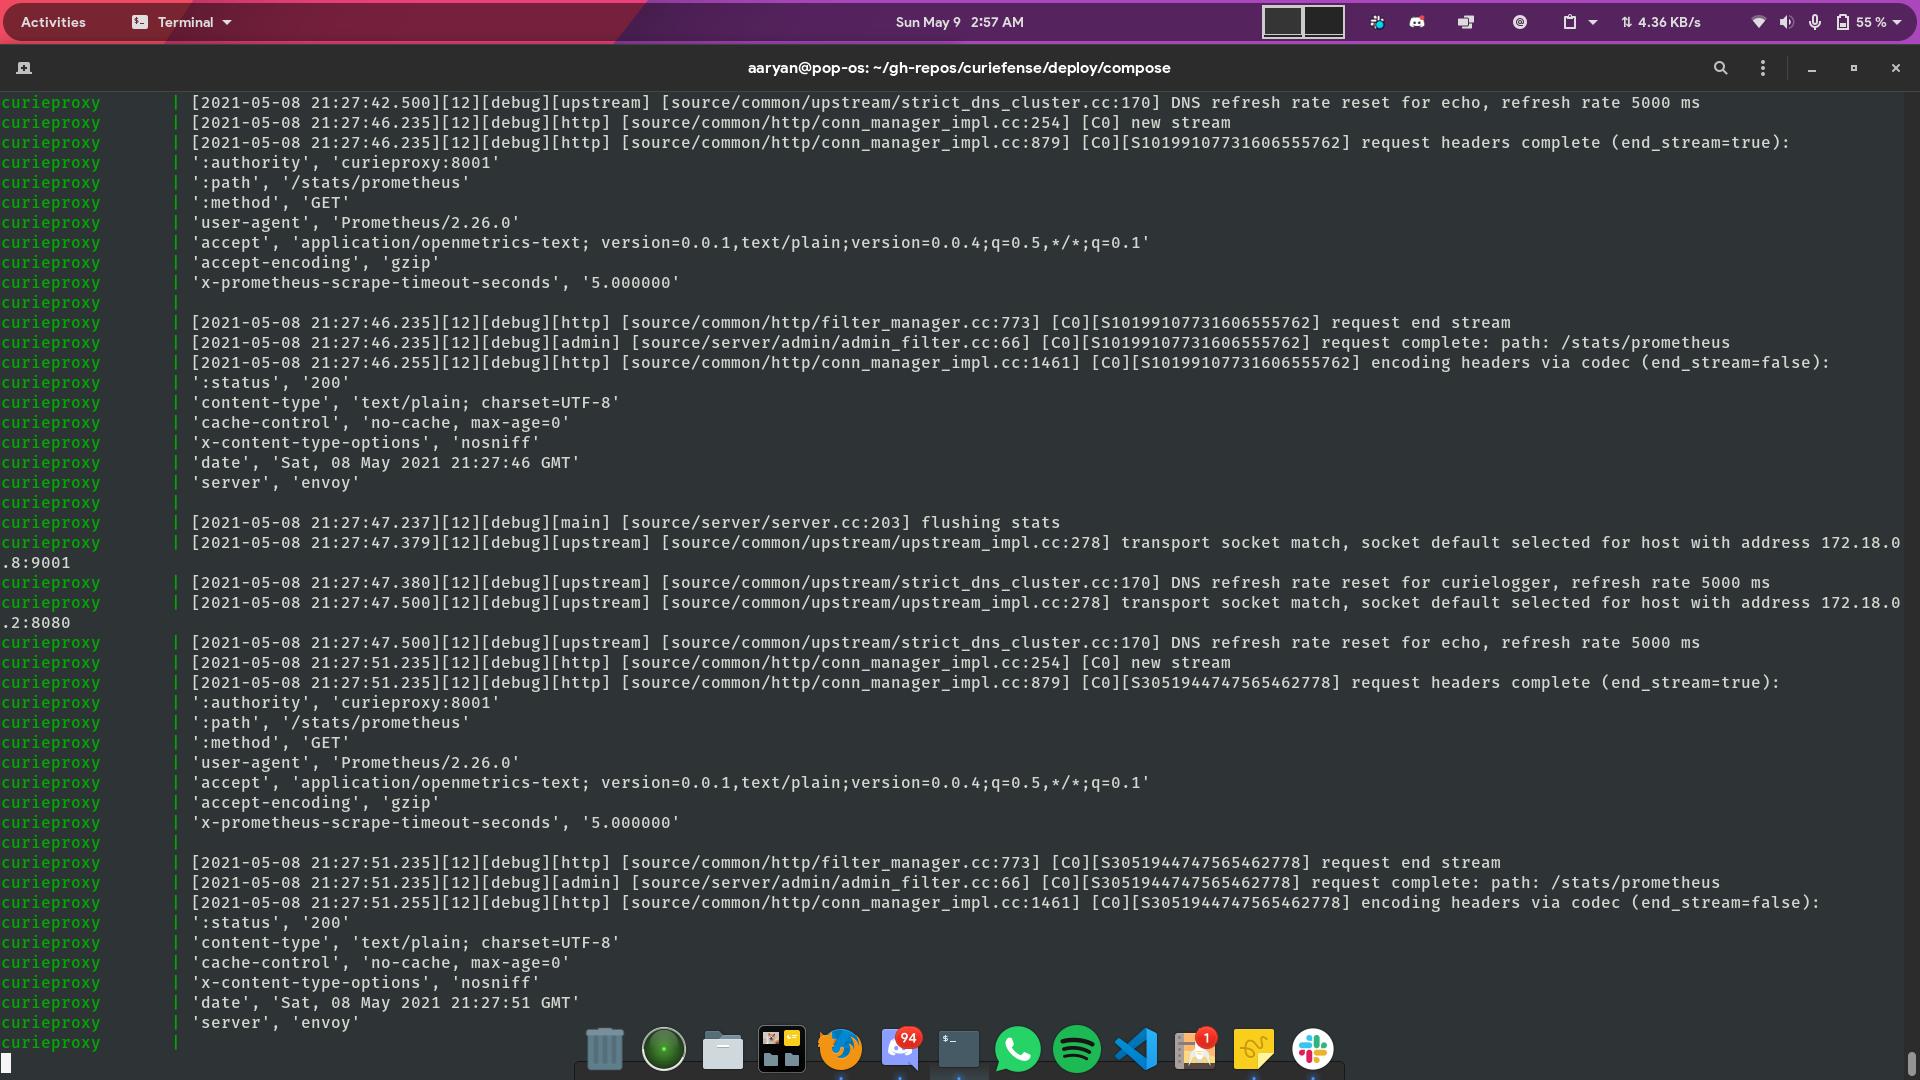 https://cloud-3biiiyjcv-hack-club-bot.vercel.app/0image.png